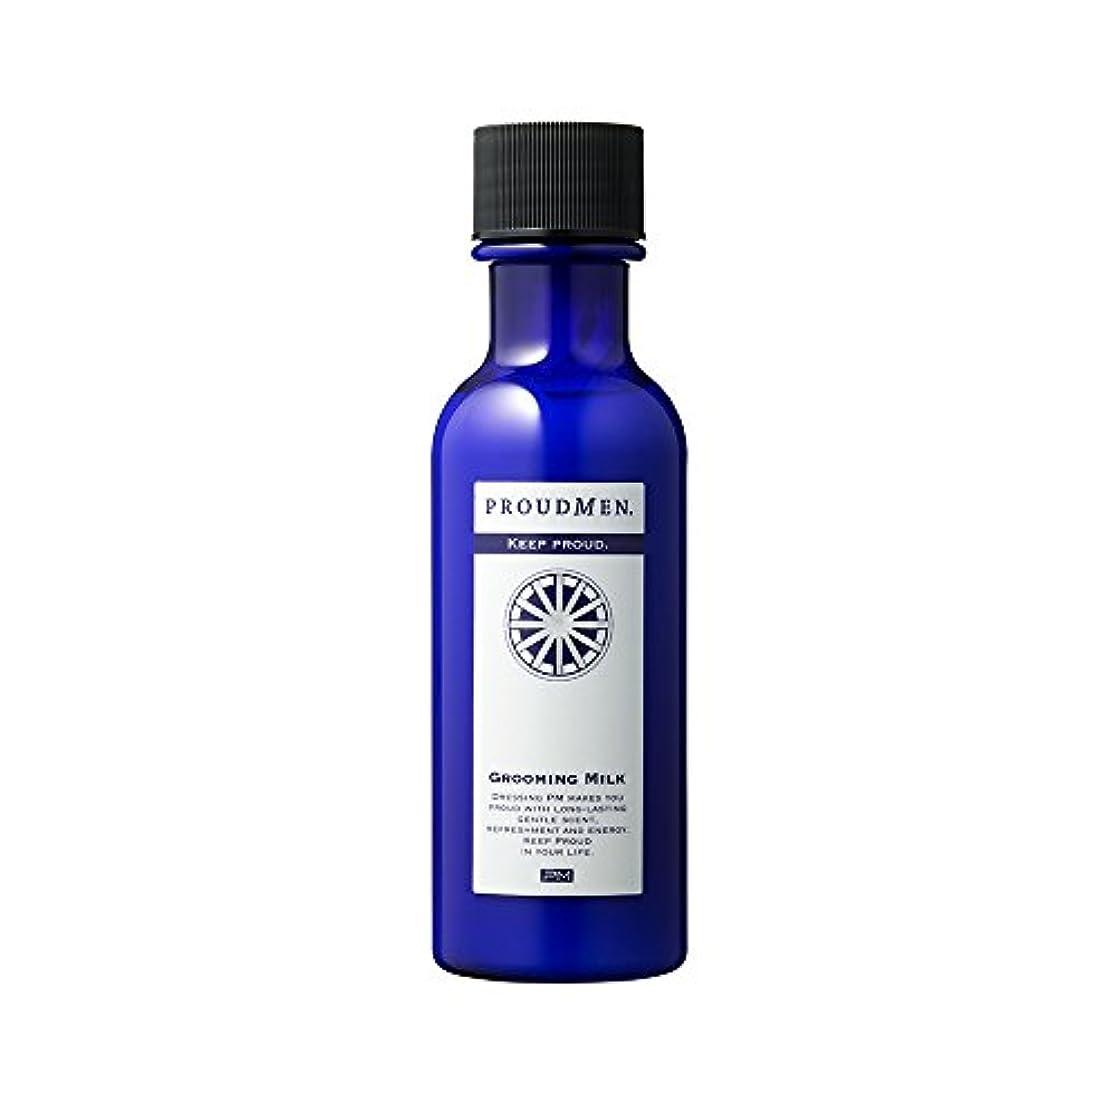 輝度クラックポットモディッシュプラウドメン グルーミングミルク 100ml 化粧水 メンズ アフターシェーブ